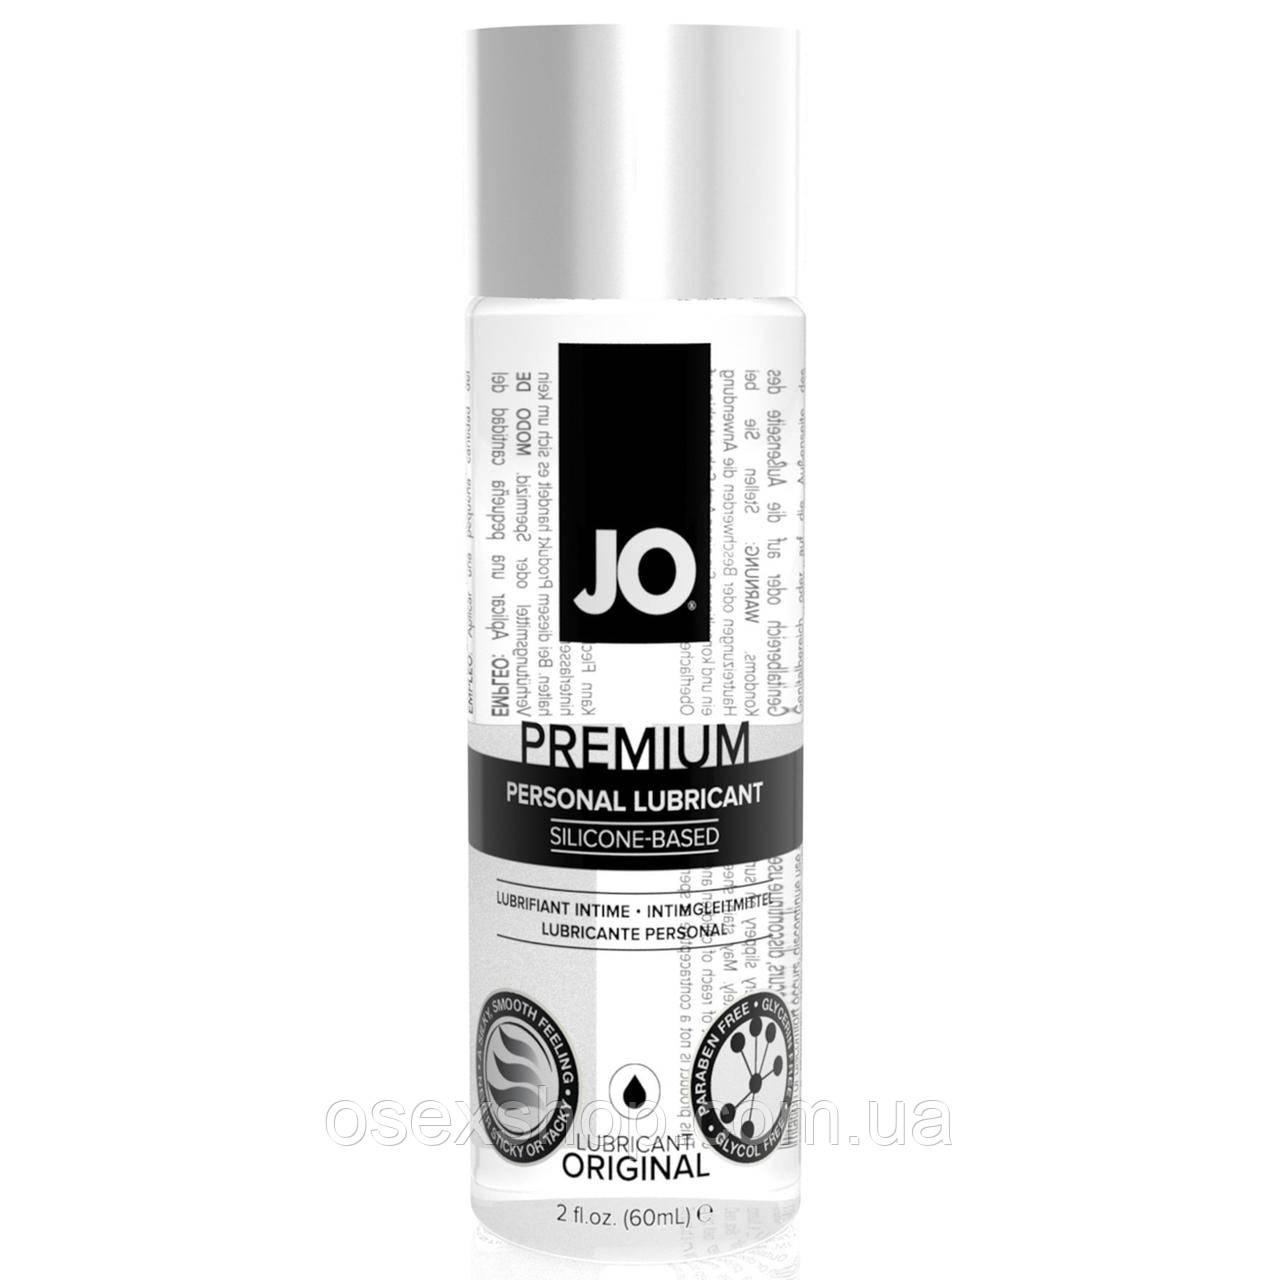 Лубрикант на силиконовой основе System JO PREMIUM - ORIGINAL (60 мл) без консервантов и отдушек